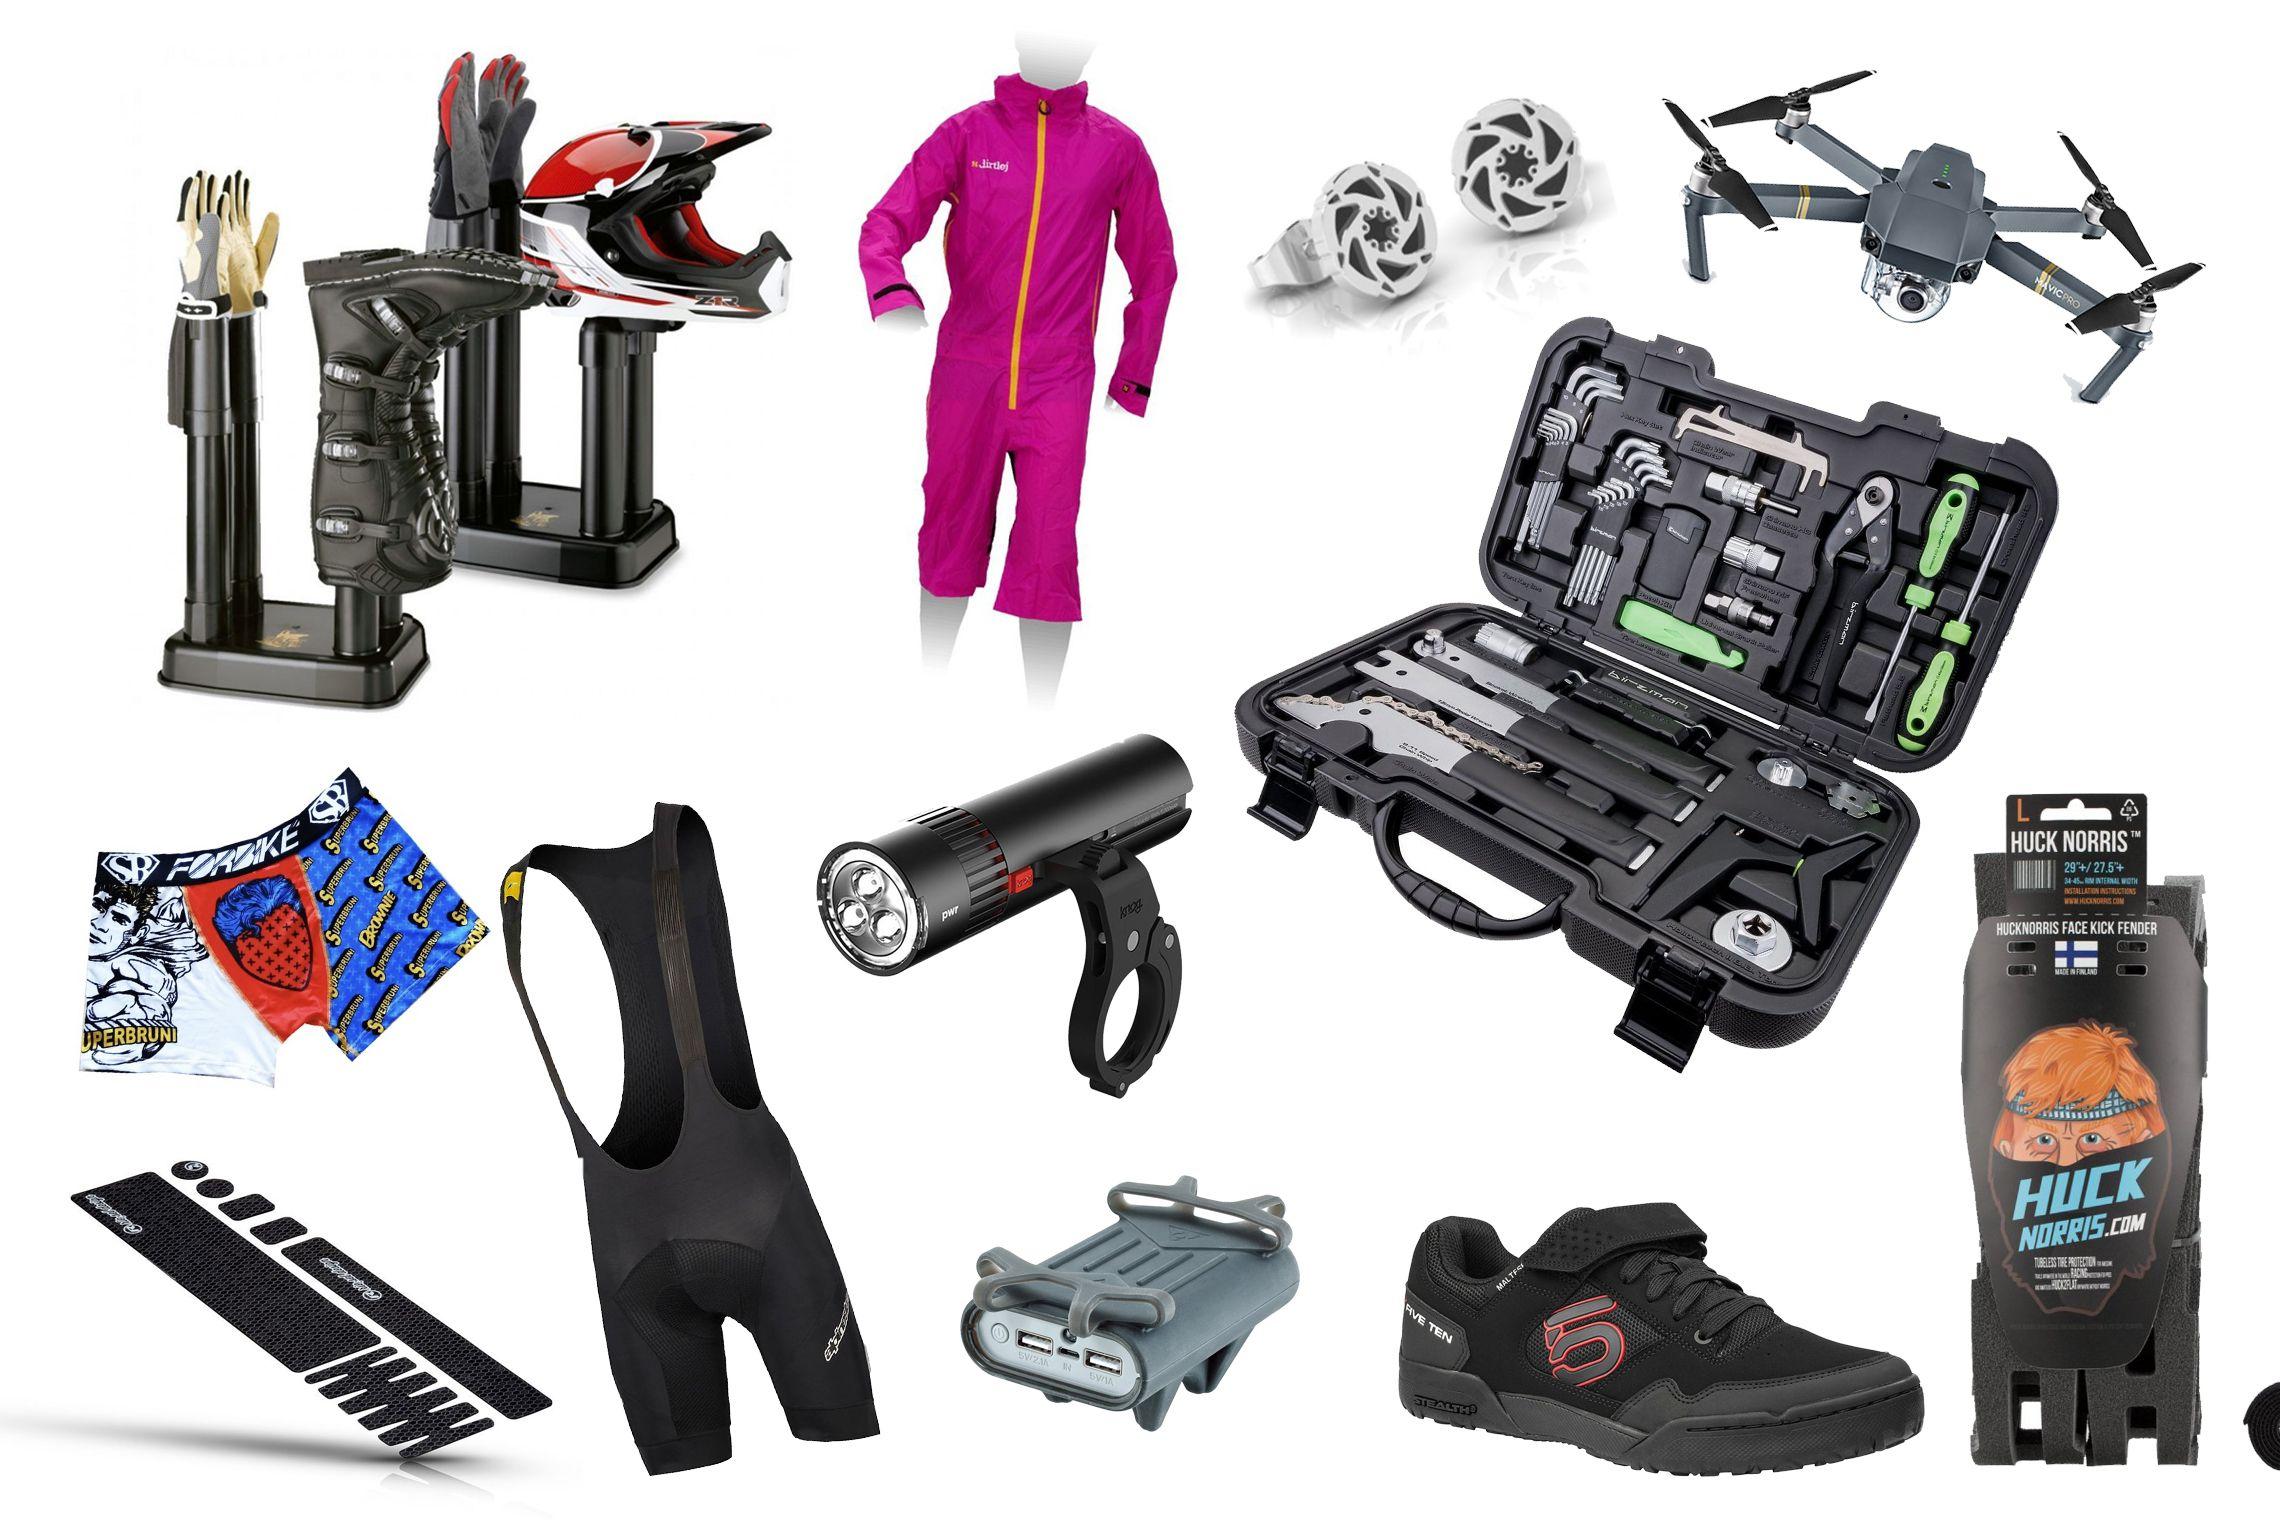 E-Bike Weihnachtsgeschenke gesucht? Wir haben da einige Tipps für euch - Draußen ist es kalt, das Wetter ist nass und wenn alles zusammenkommt, dann liegt auf den Trails auch noch Schnee. Zum Glück fällt in diese Jahreszeit Weihnachten! Zeit, sich wieder mit den coolsten Gadgets, die die E-Bikebranche zu bieten hat, einzudecken, damit man voll ausgerüstet in die Saison starten kann. In 4 Kategorien haben wir euch einige Geschenk-Tipps für E-Mountainbiker und -bikerinnen